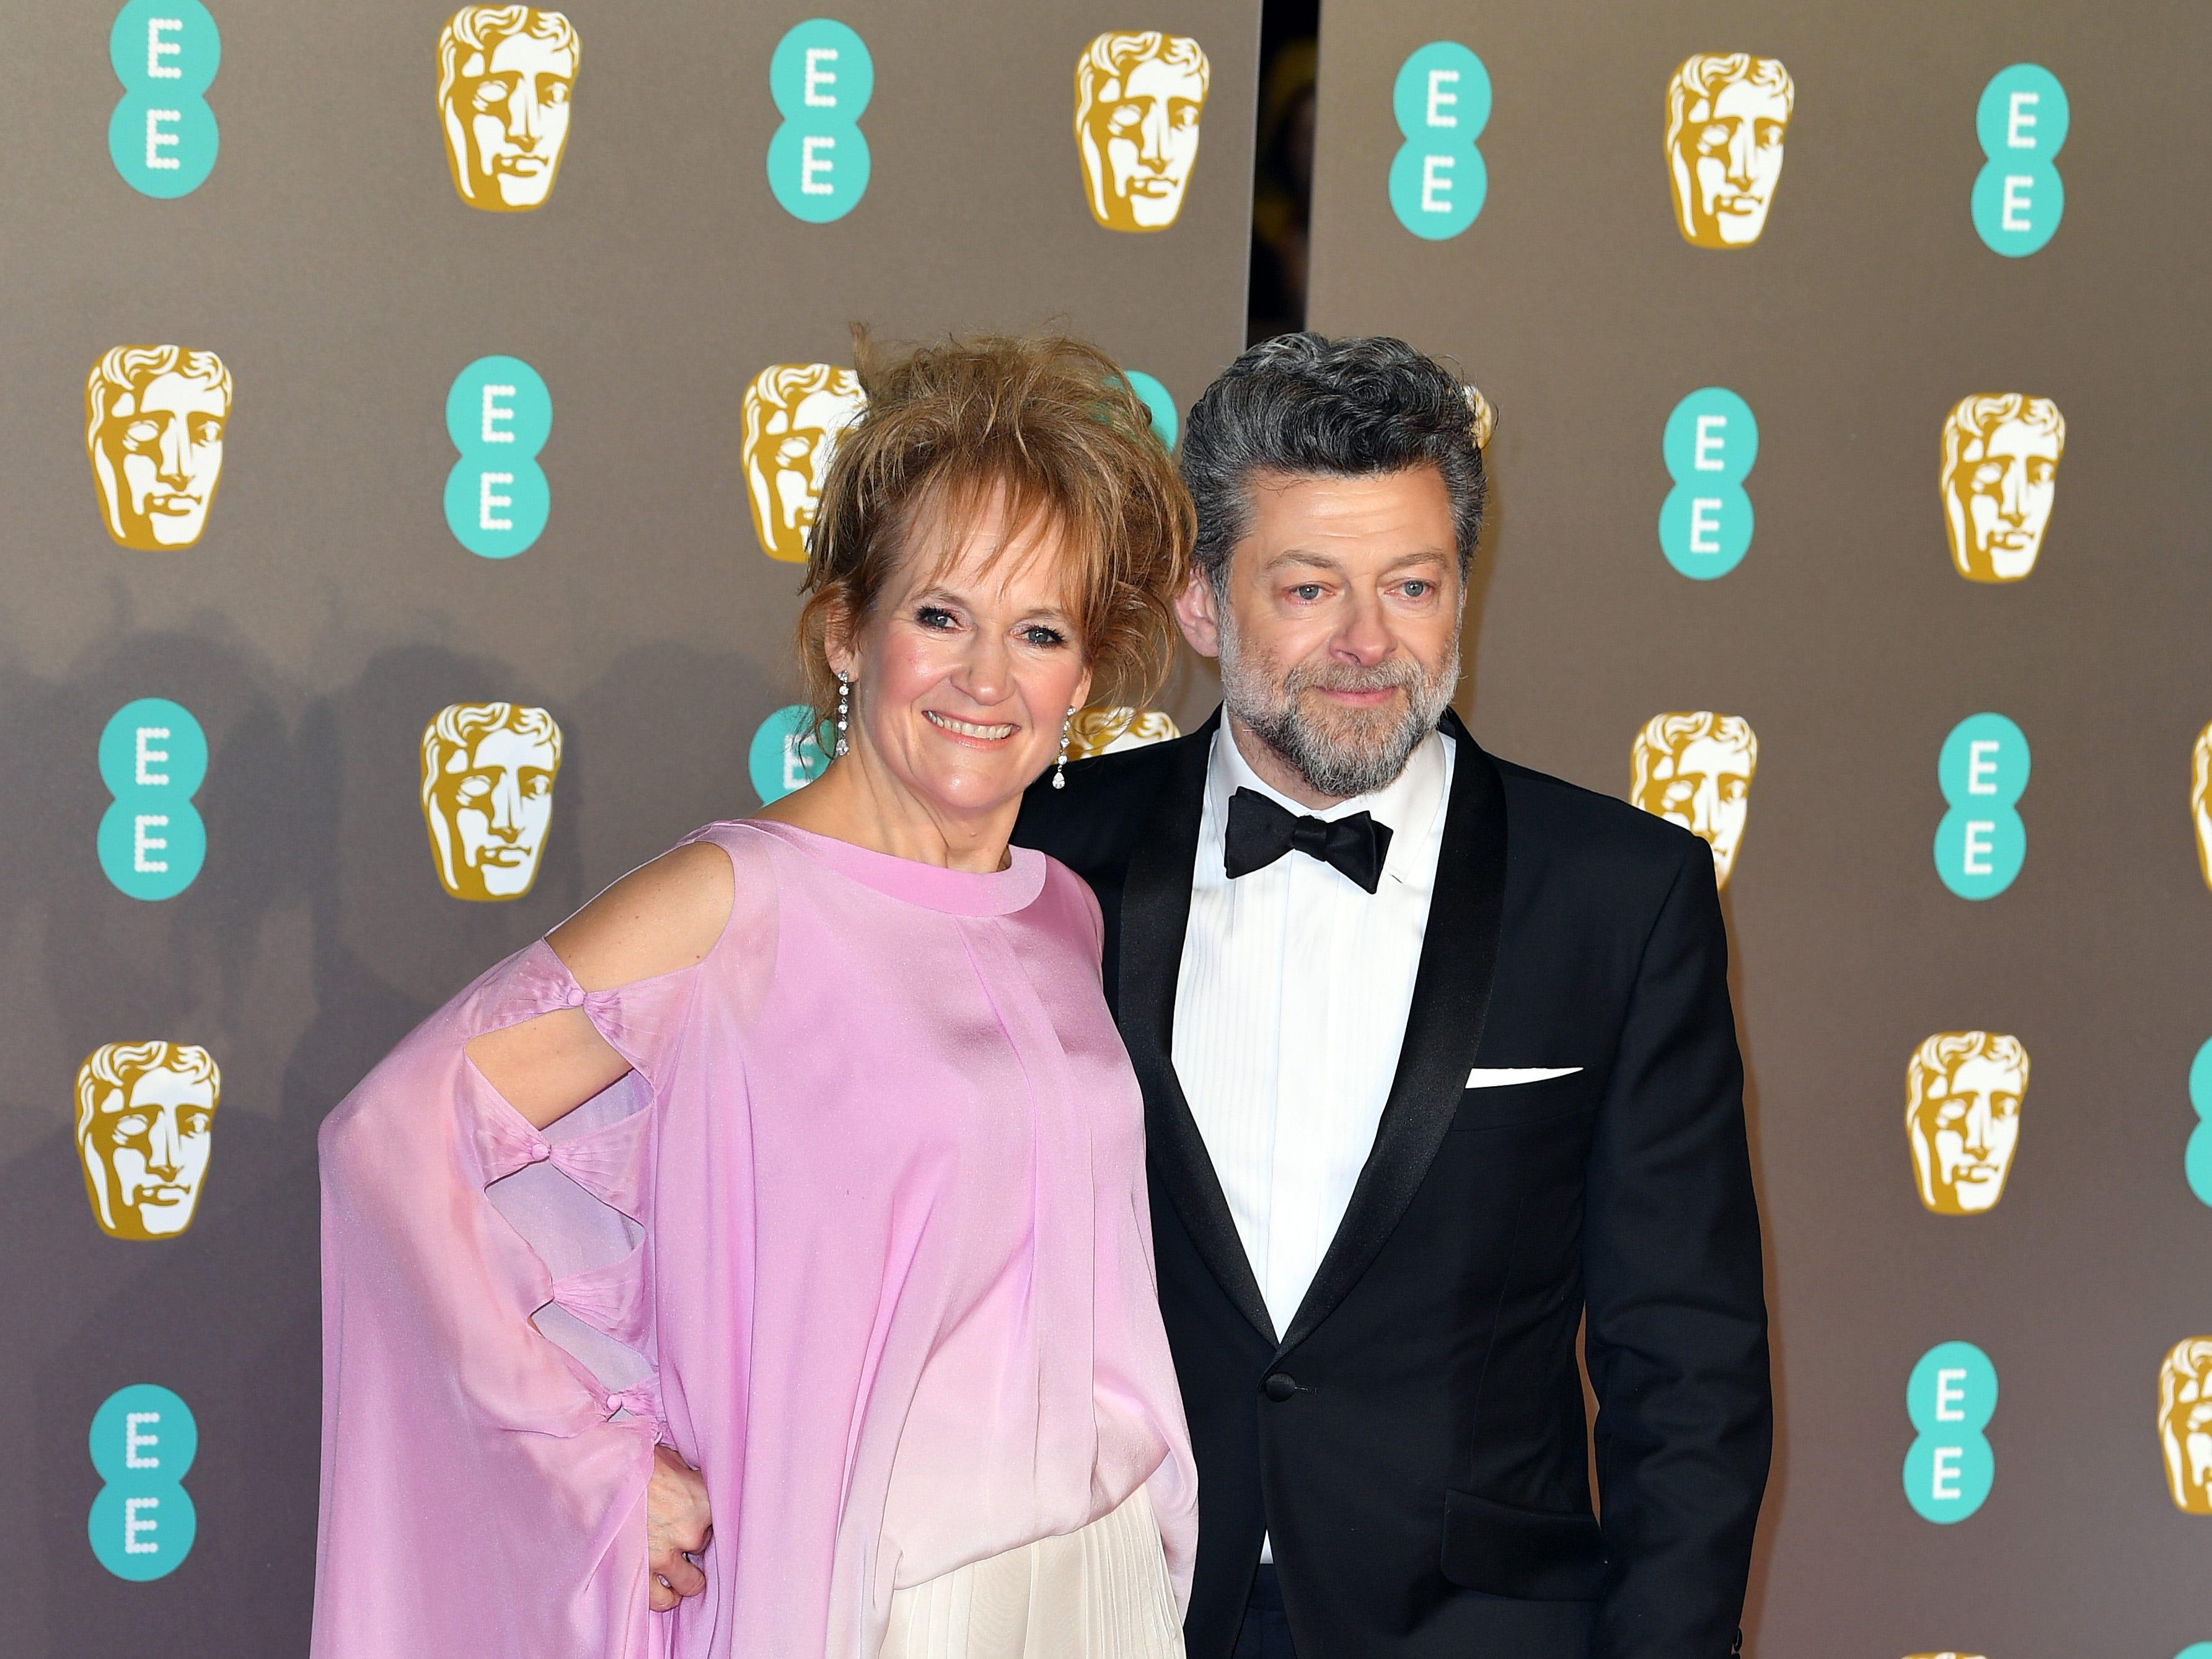 Lorraine Ashbourne y Andy Serkis a su llegada a la alfombra roja de los Premios de la Academia Británica de Cine BAFTA en el Royal Albert Hall en Londres el 10 de febrero de 2019.